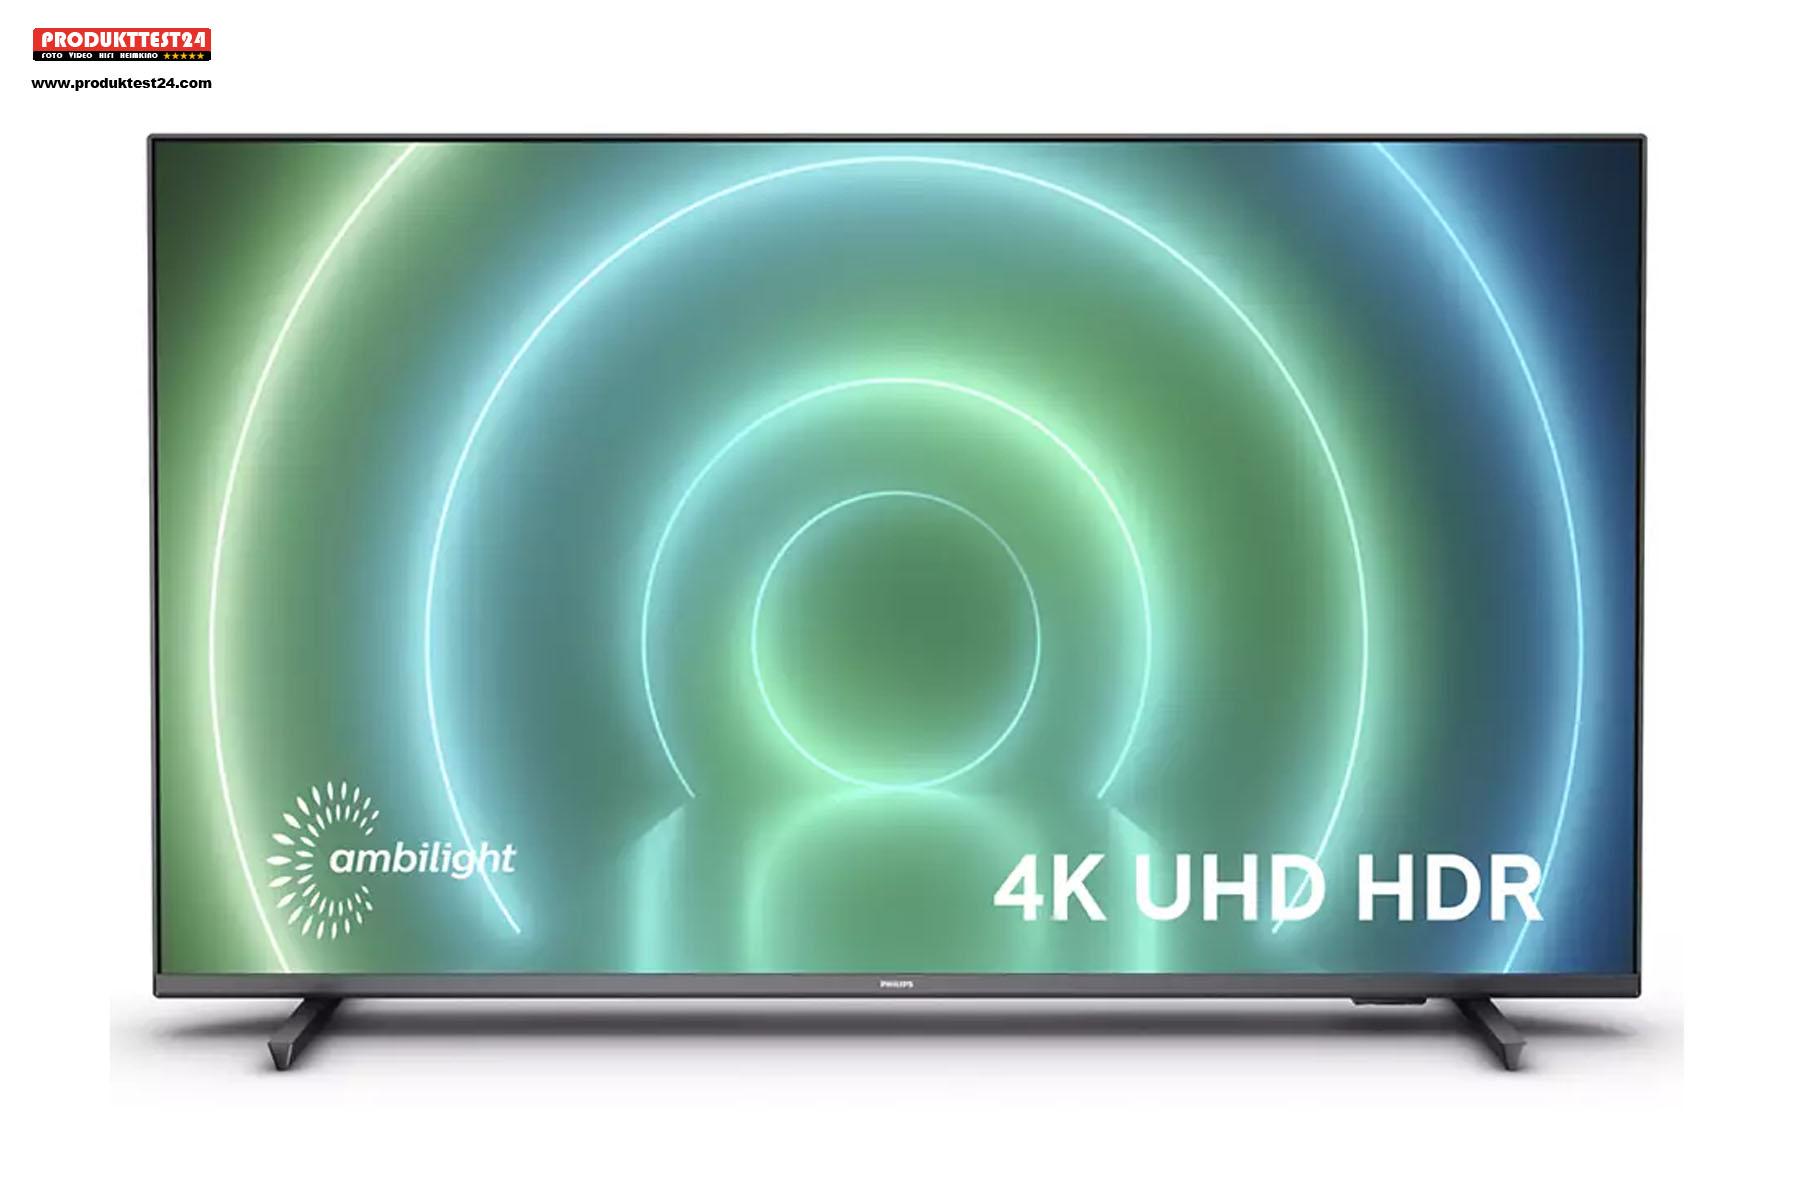 70 Zoll Bilddiagonale und Ultra HD Auflösung - Der Philips 70PUS7906/12